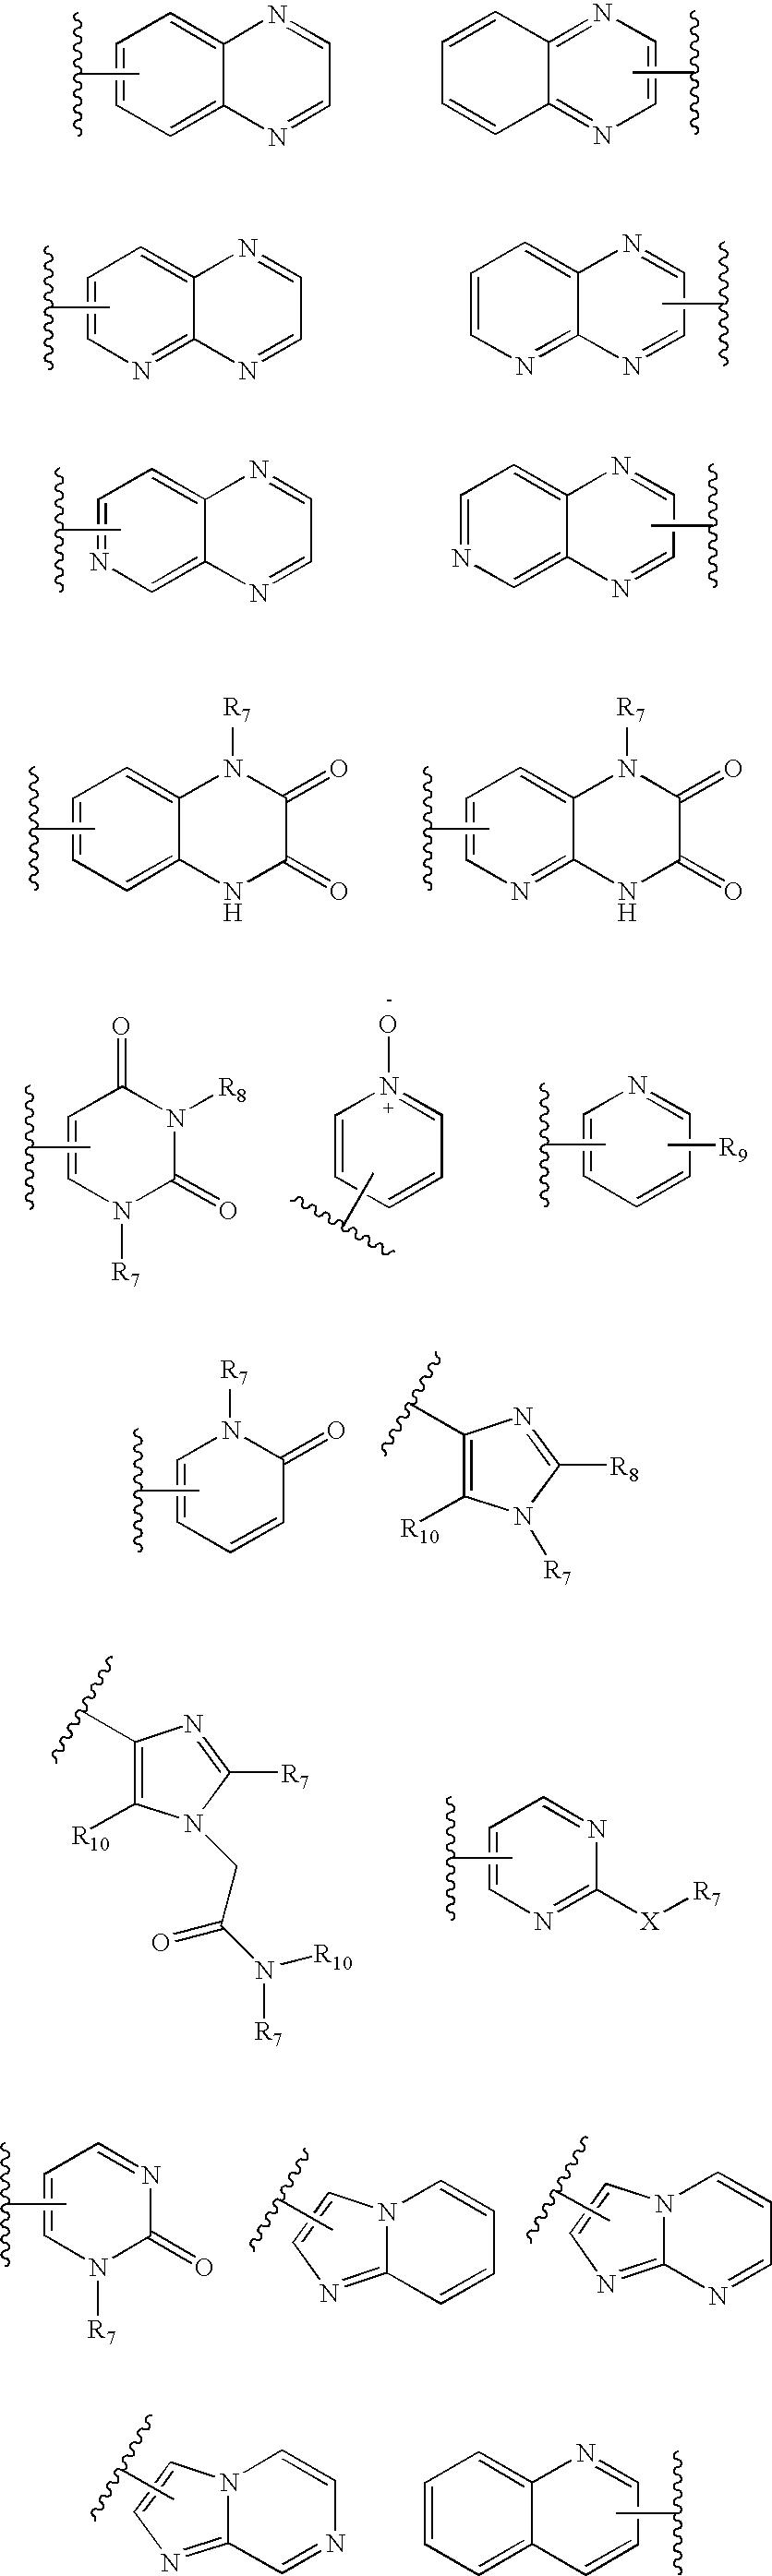 Figure US20060189617A1-20060824-C00034